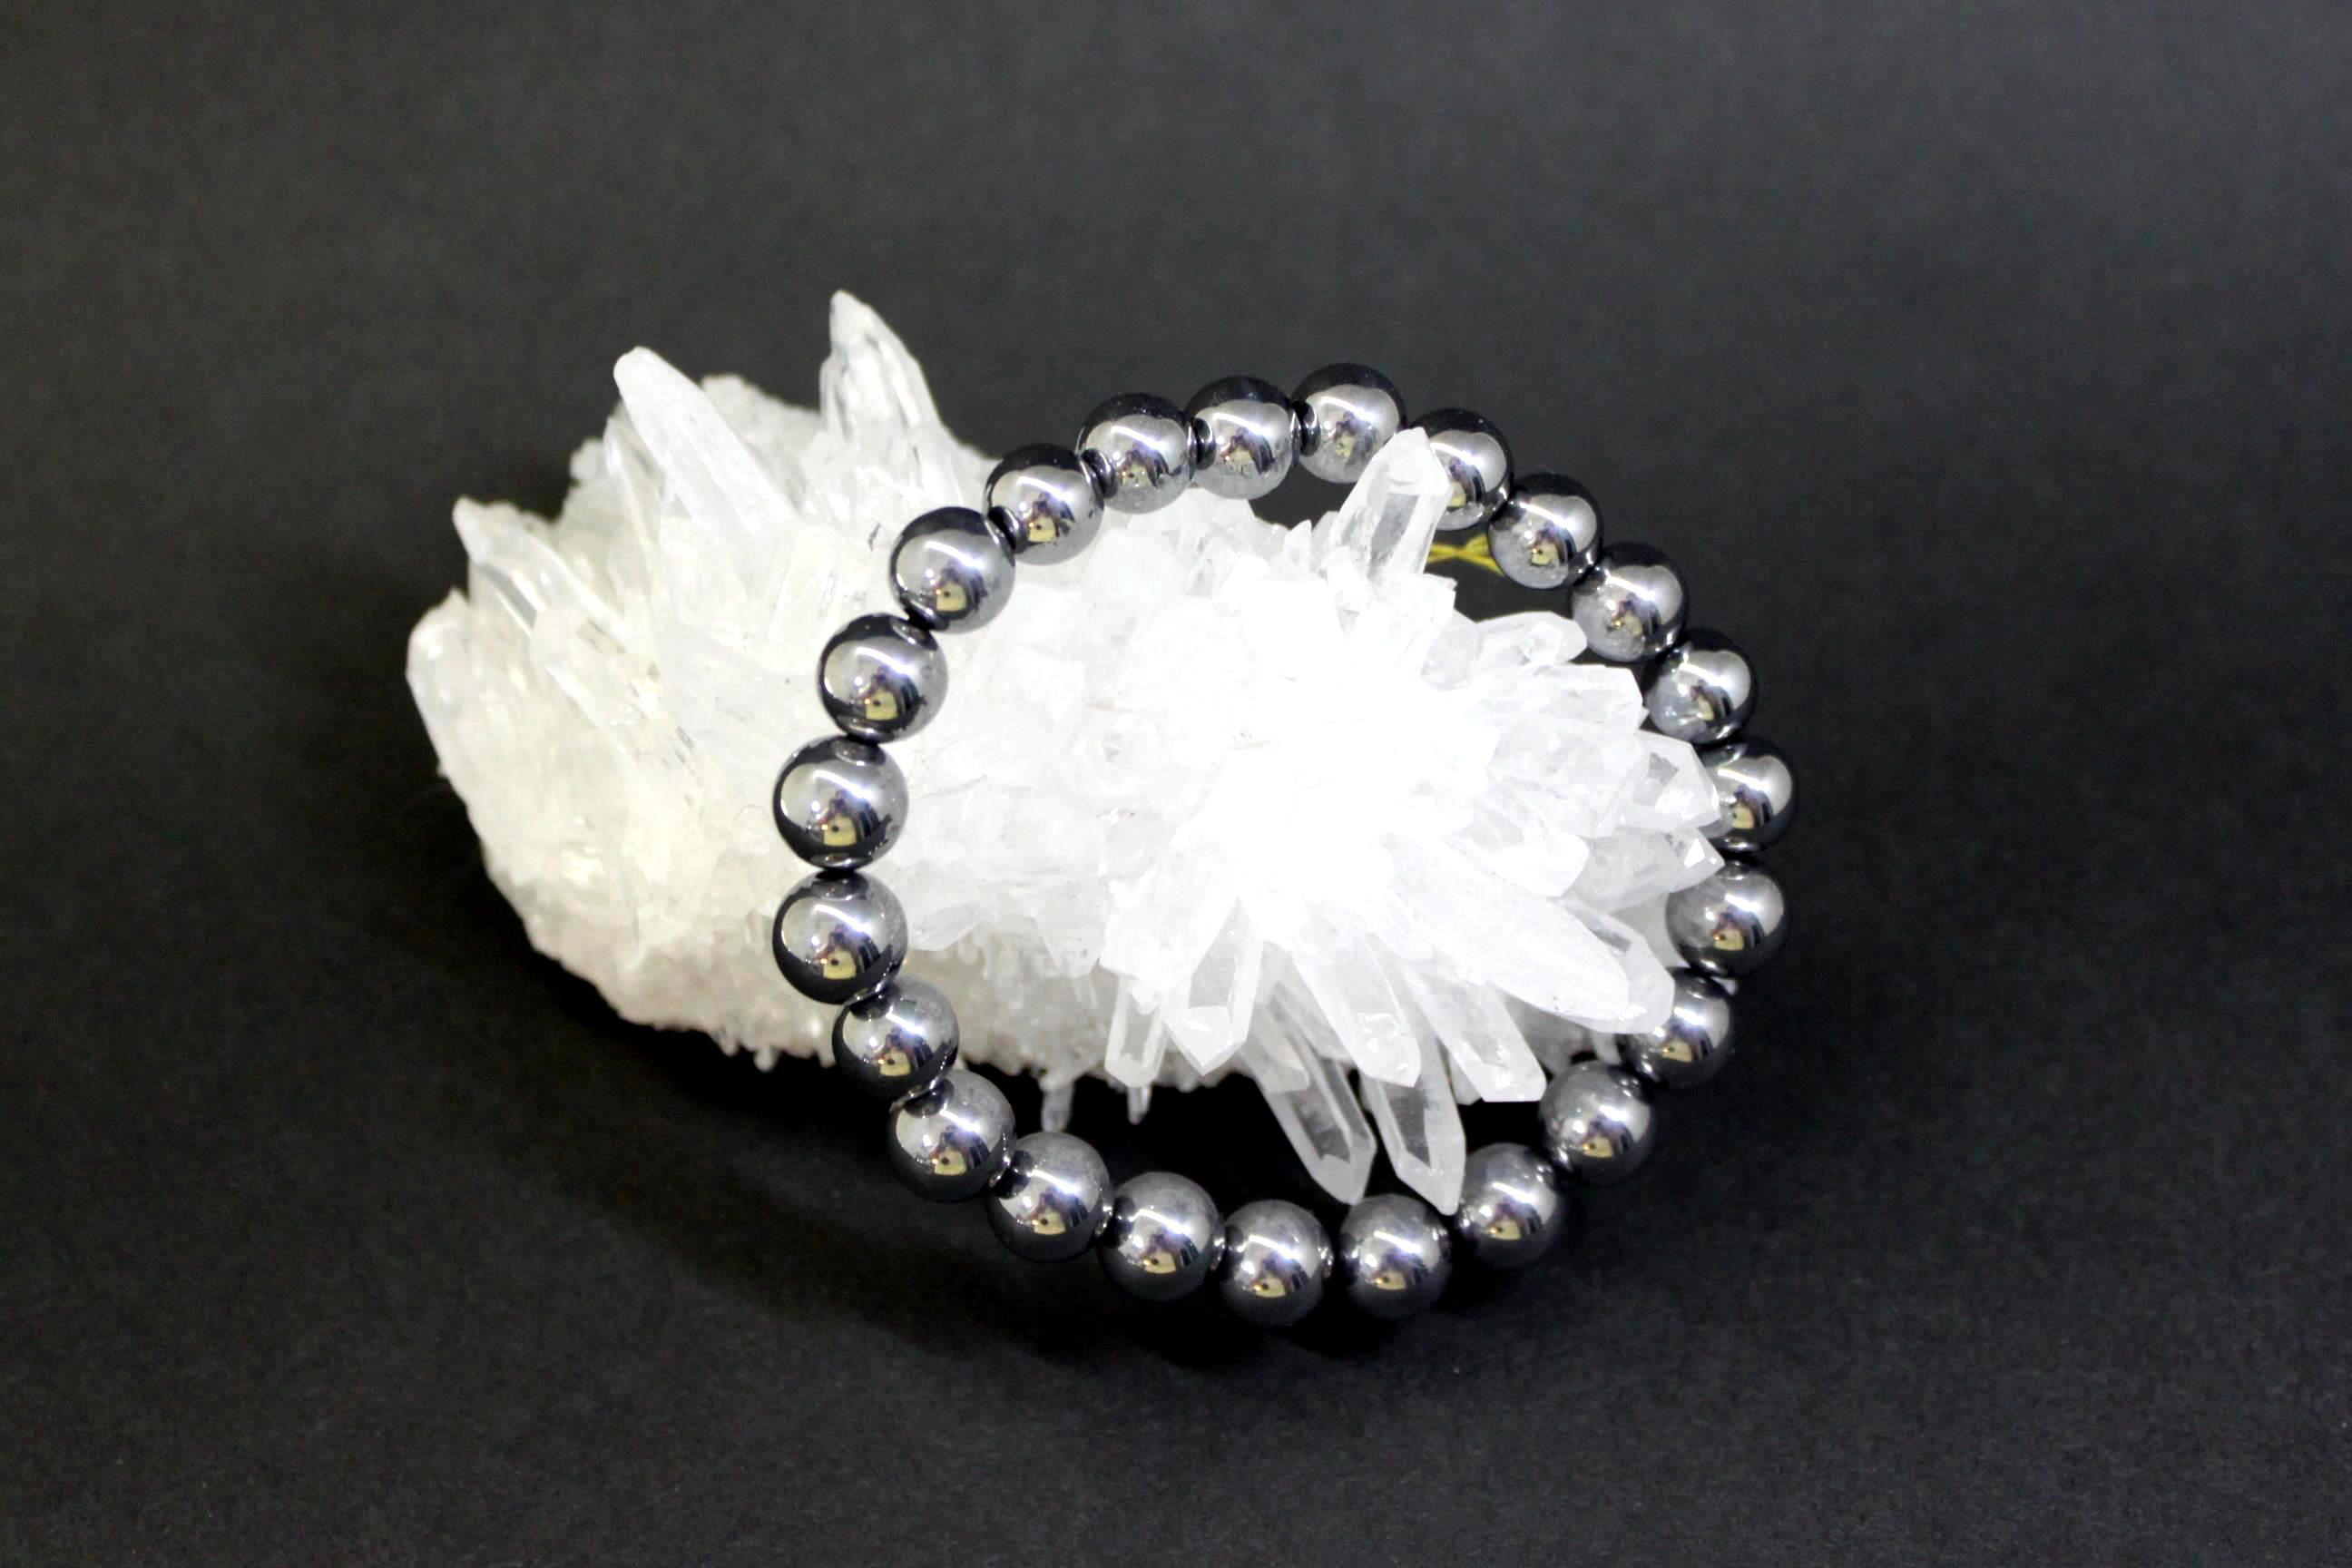 テラヘルツ鉱石 丸玉ブレスレット10ミリ